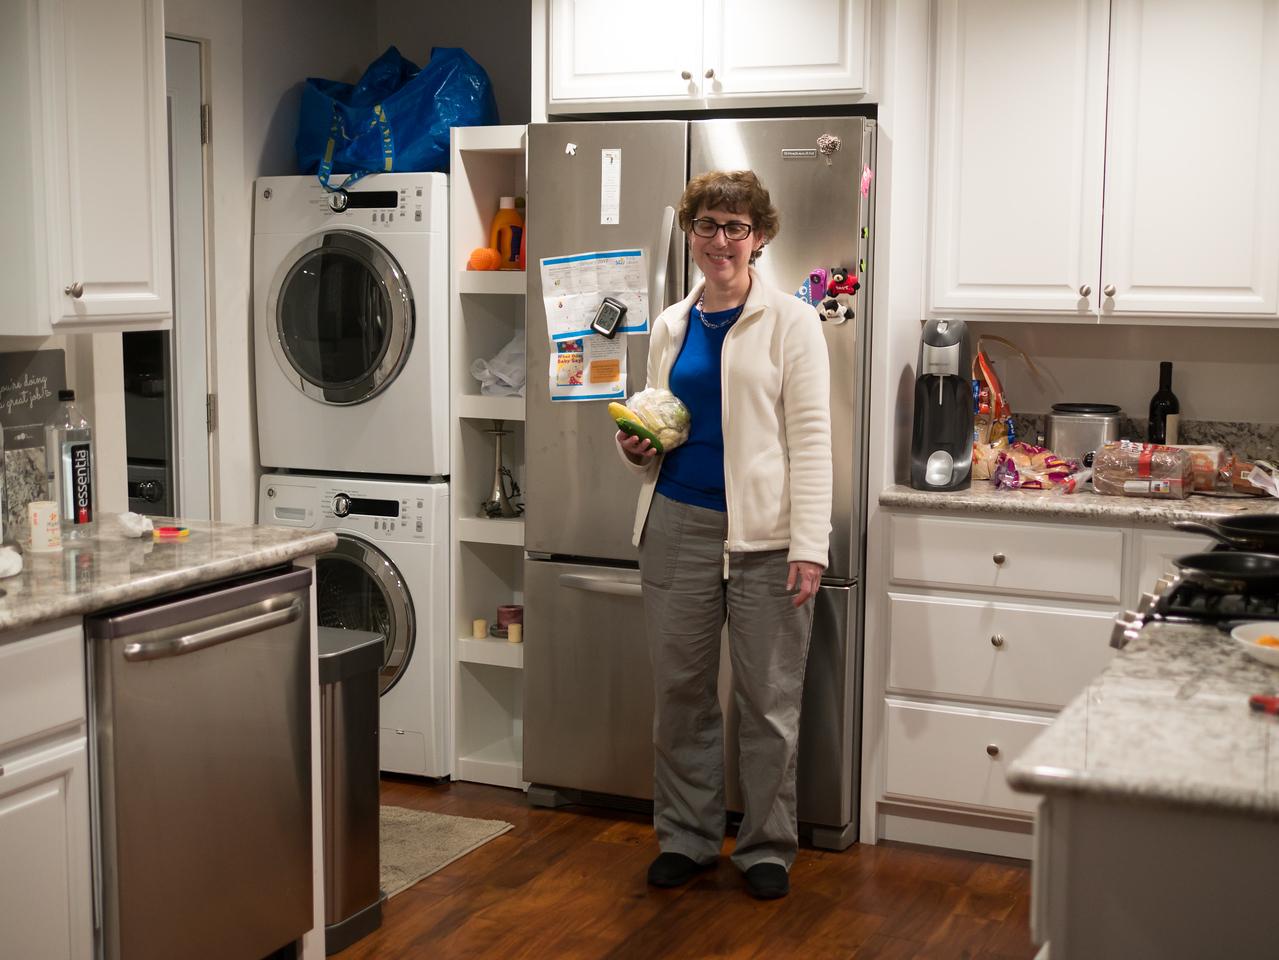 Adena & Tim's kitchen (most of it)